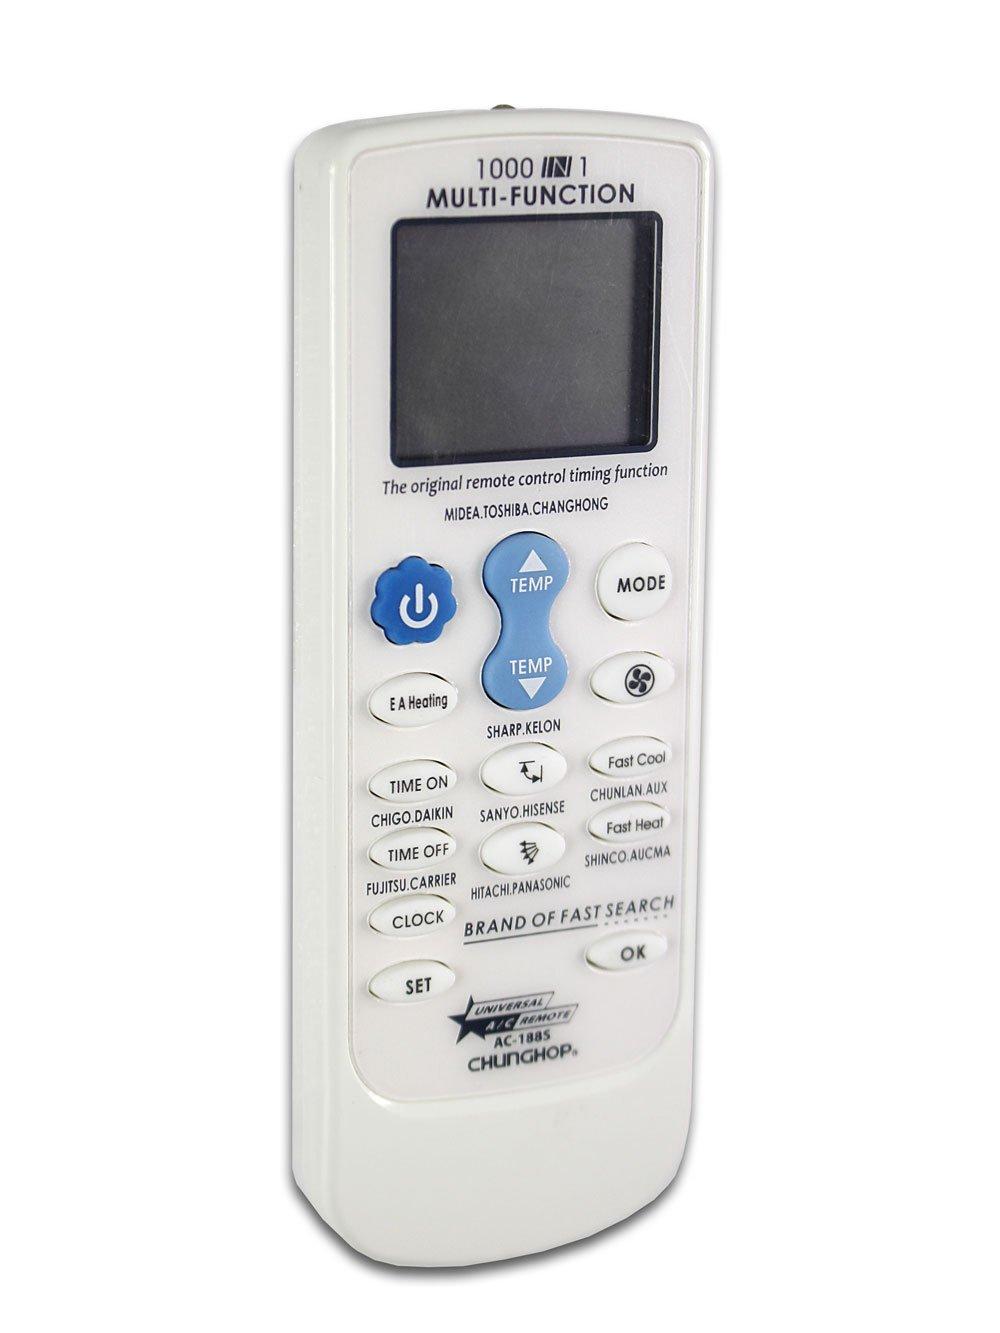 Vetrineinrete® Telecomando condizionatore universale per climatizzatore riscaldare o rinfrescare l'ambiente telecomando compatibile con ampio display e timer C42